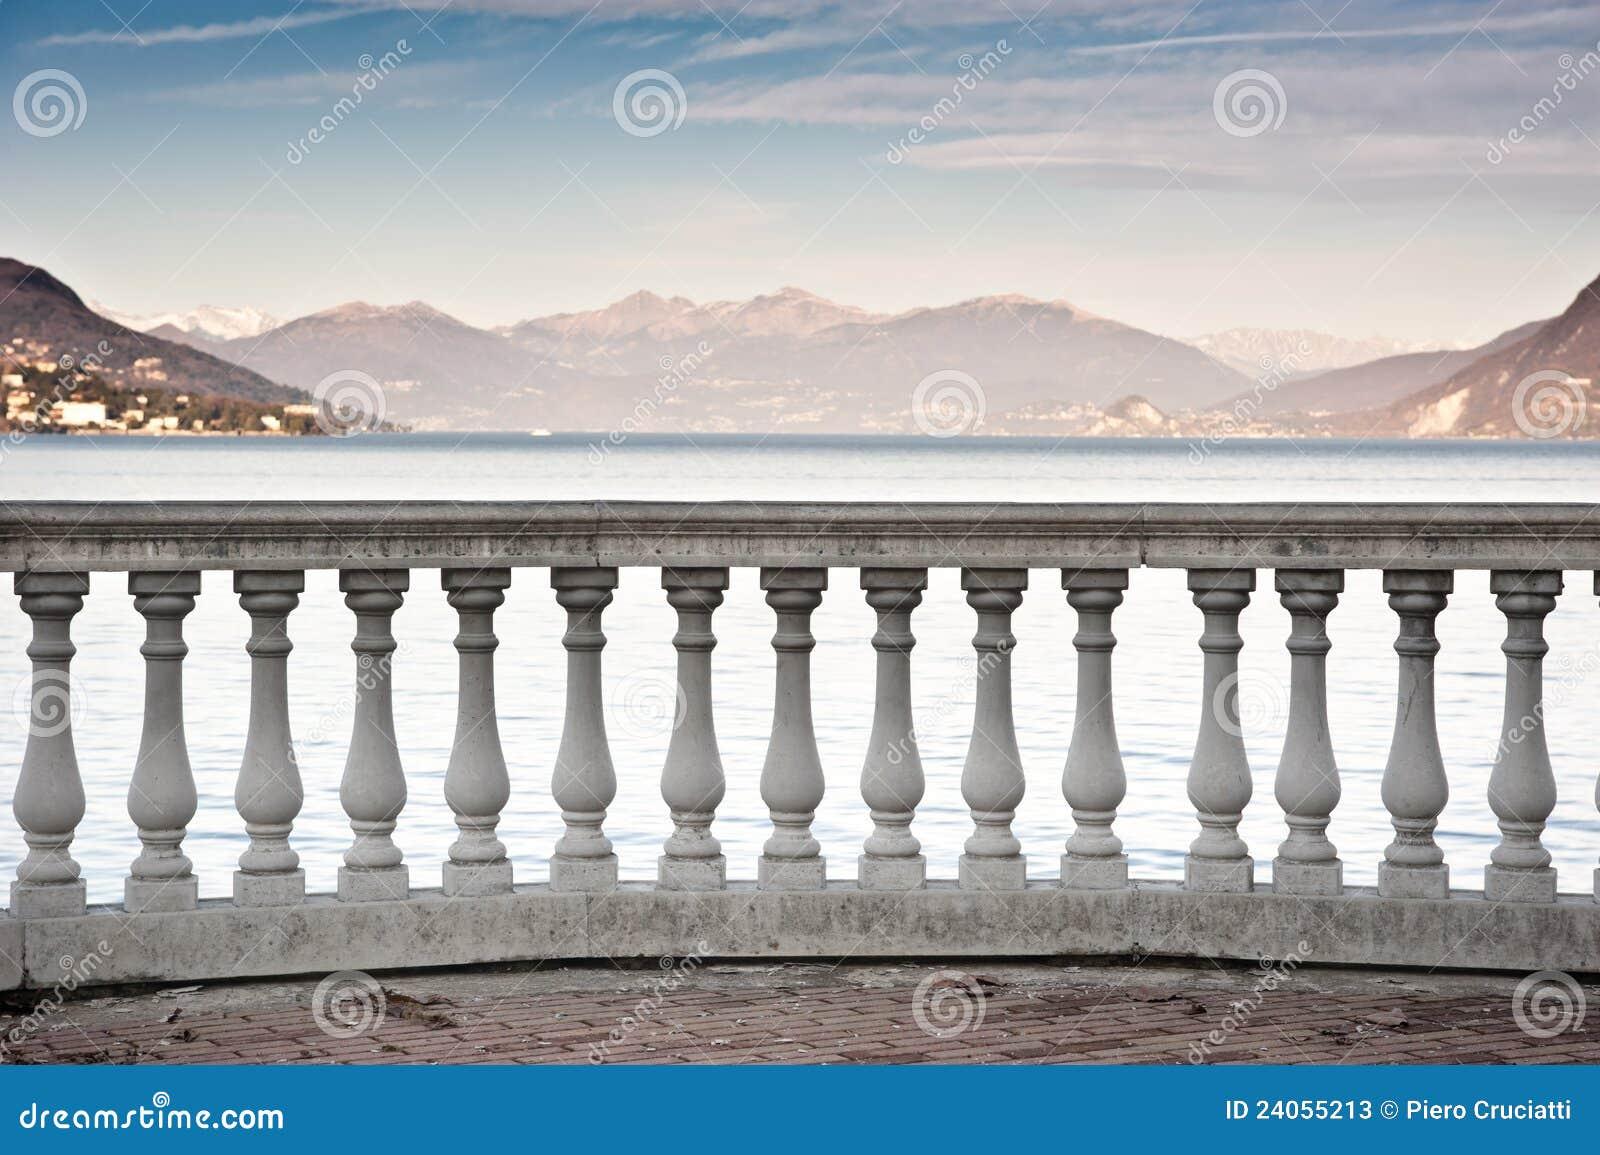 Corrimão clássico da coluna de Maggiore do lago